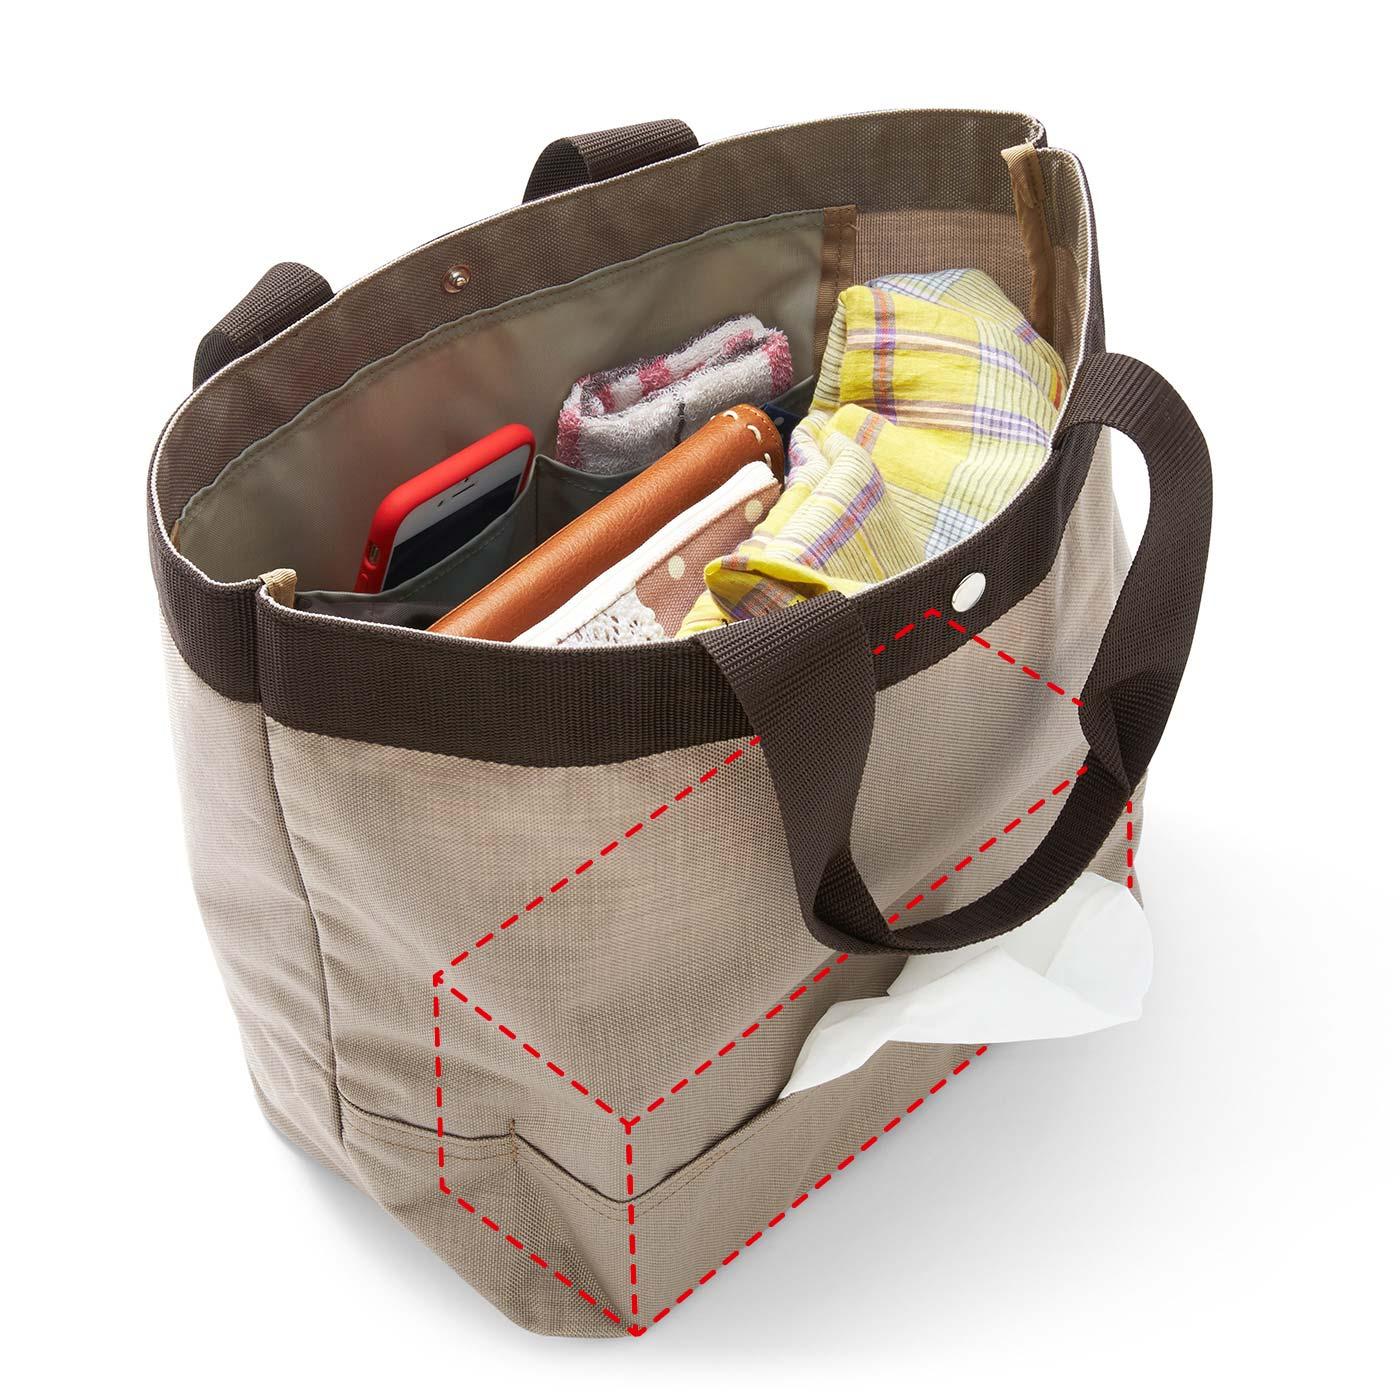 バッグの外側からティッシュを抜き取りOK。ふだんは取り出し口が目立たない仕様。